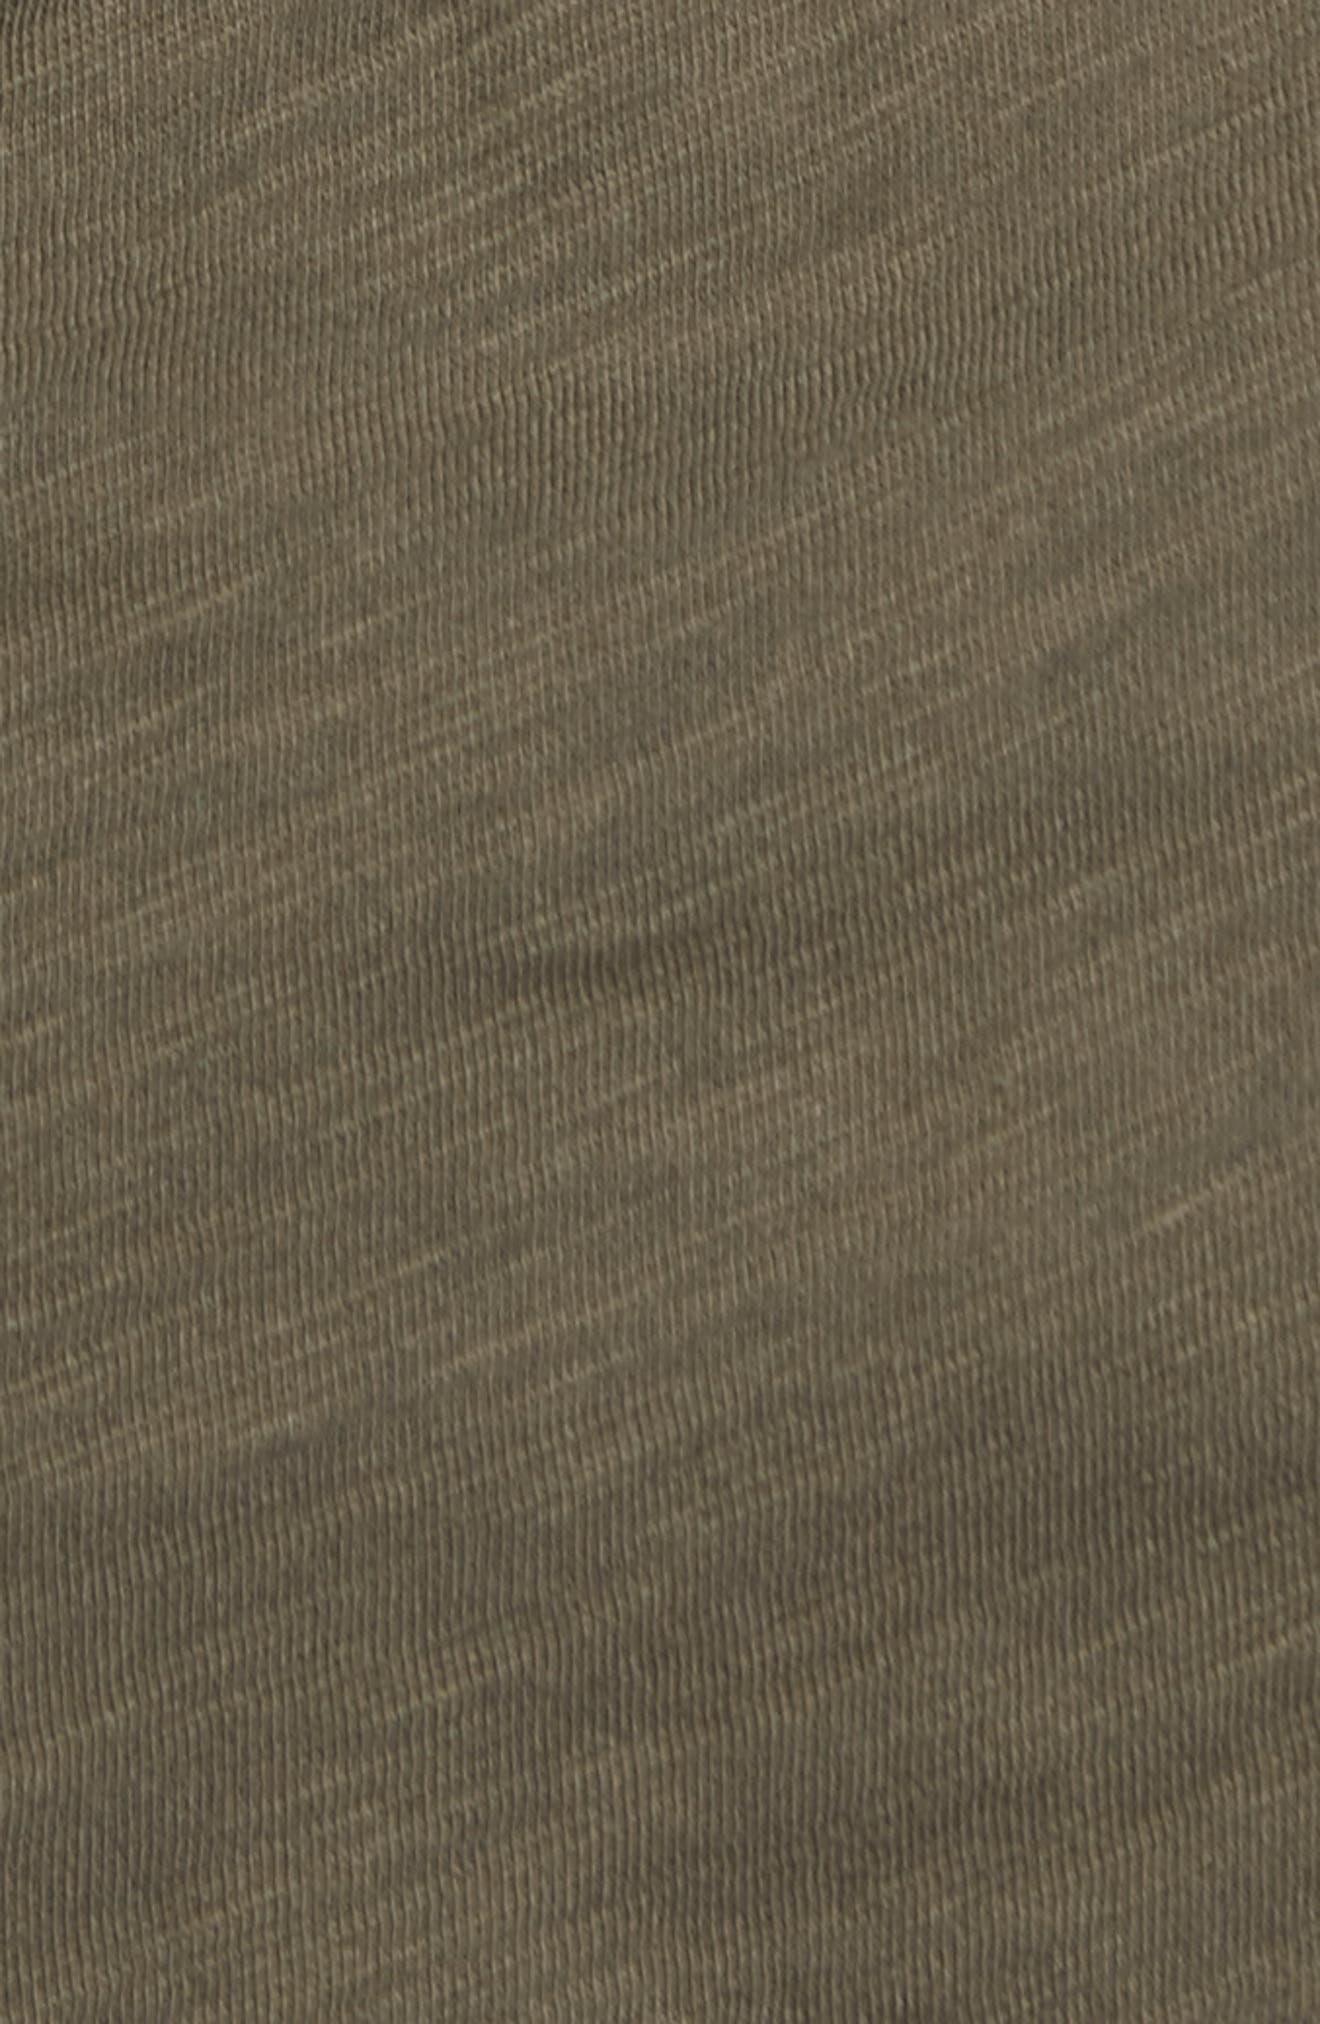 Whisper Cotton V-Neck Pocket Tee,                             Alternate thumbnail 6, color,                             Cargo Green